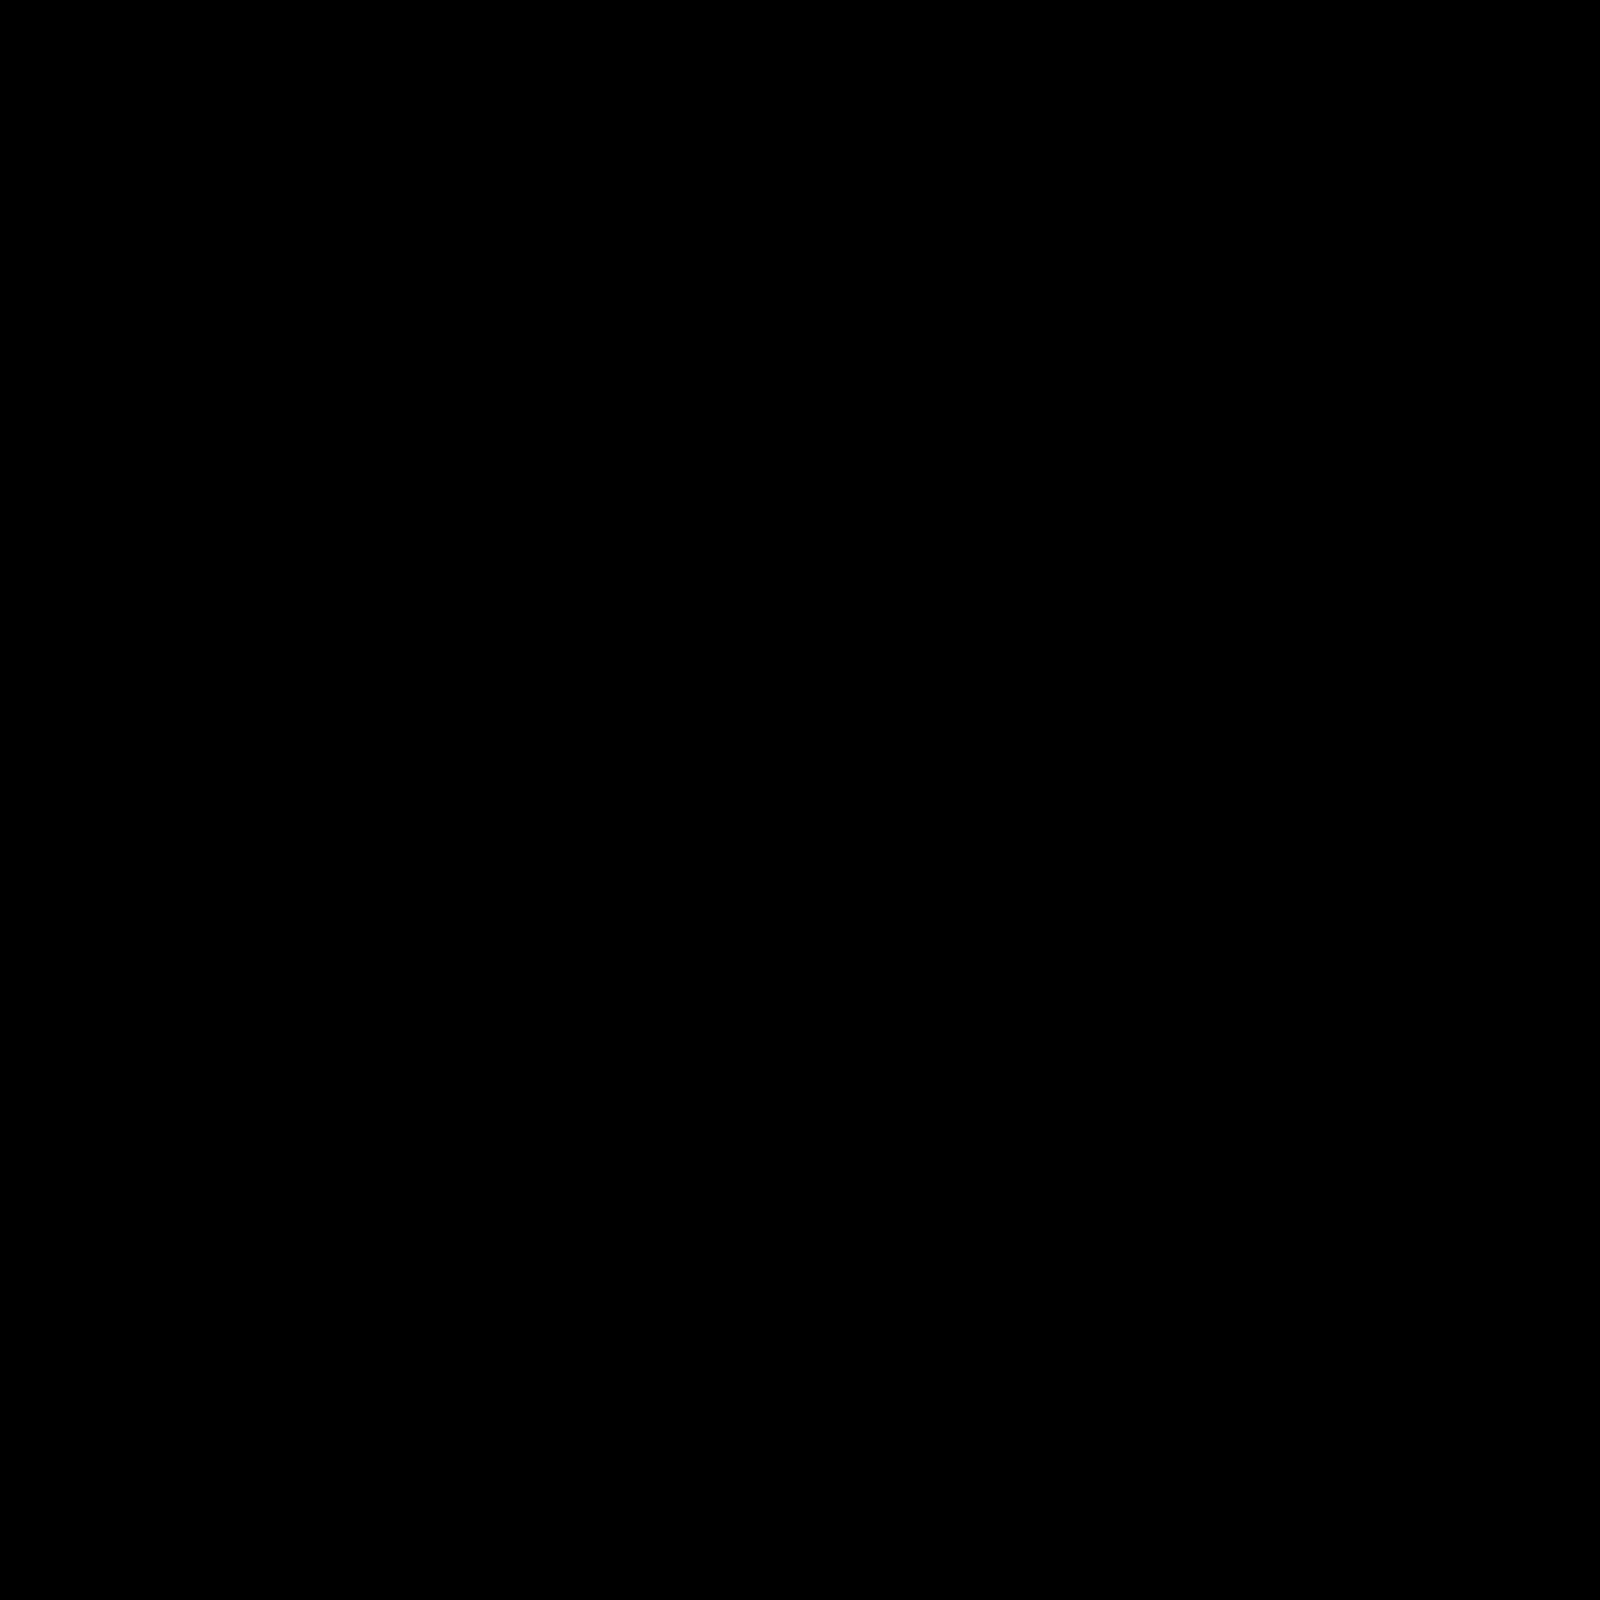 mandala zum ausmalen  ausmalbilder mandala  mandala zum